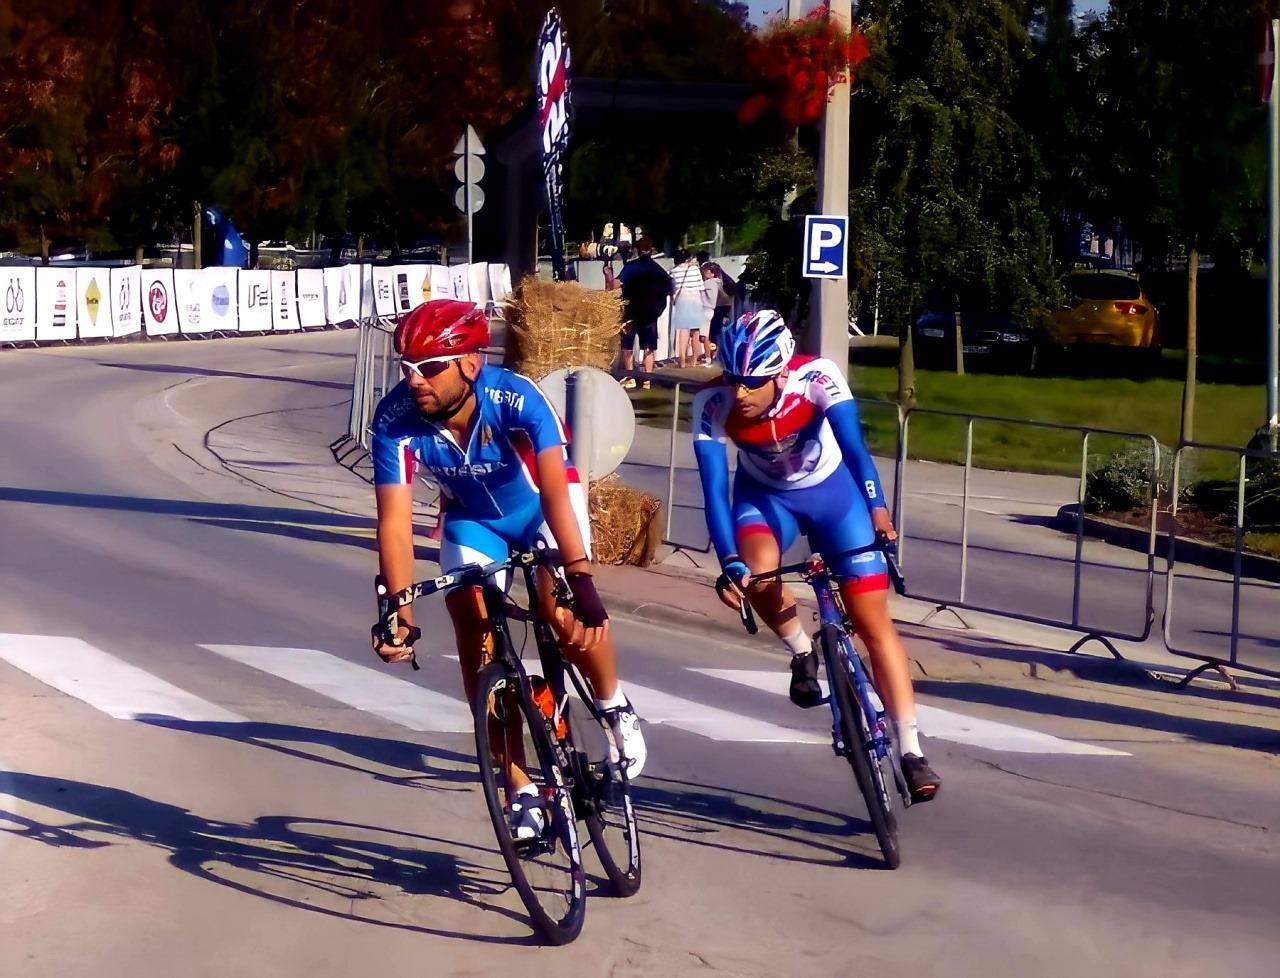 Велосипедист из Калининграда завоевал медаль чемпионата России